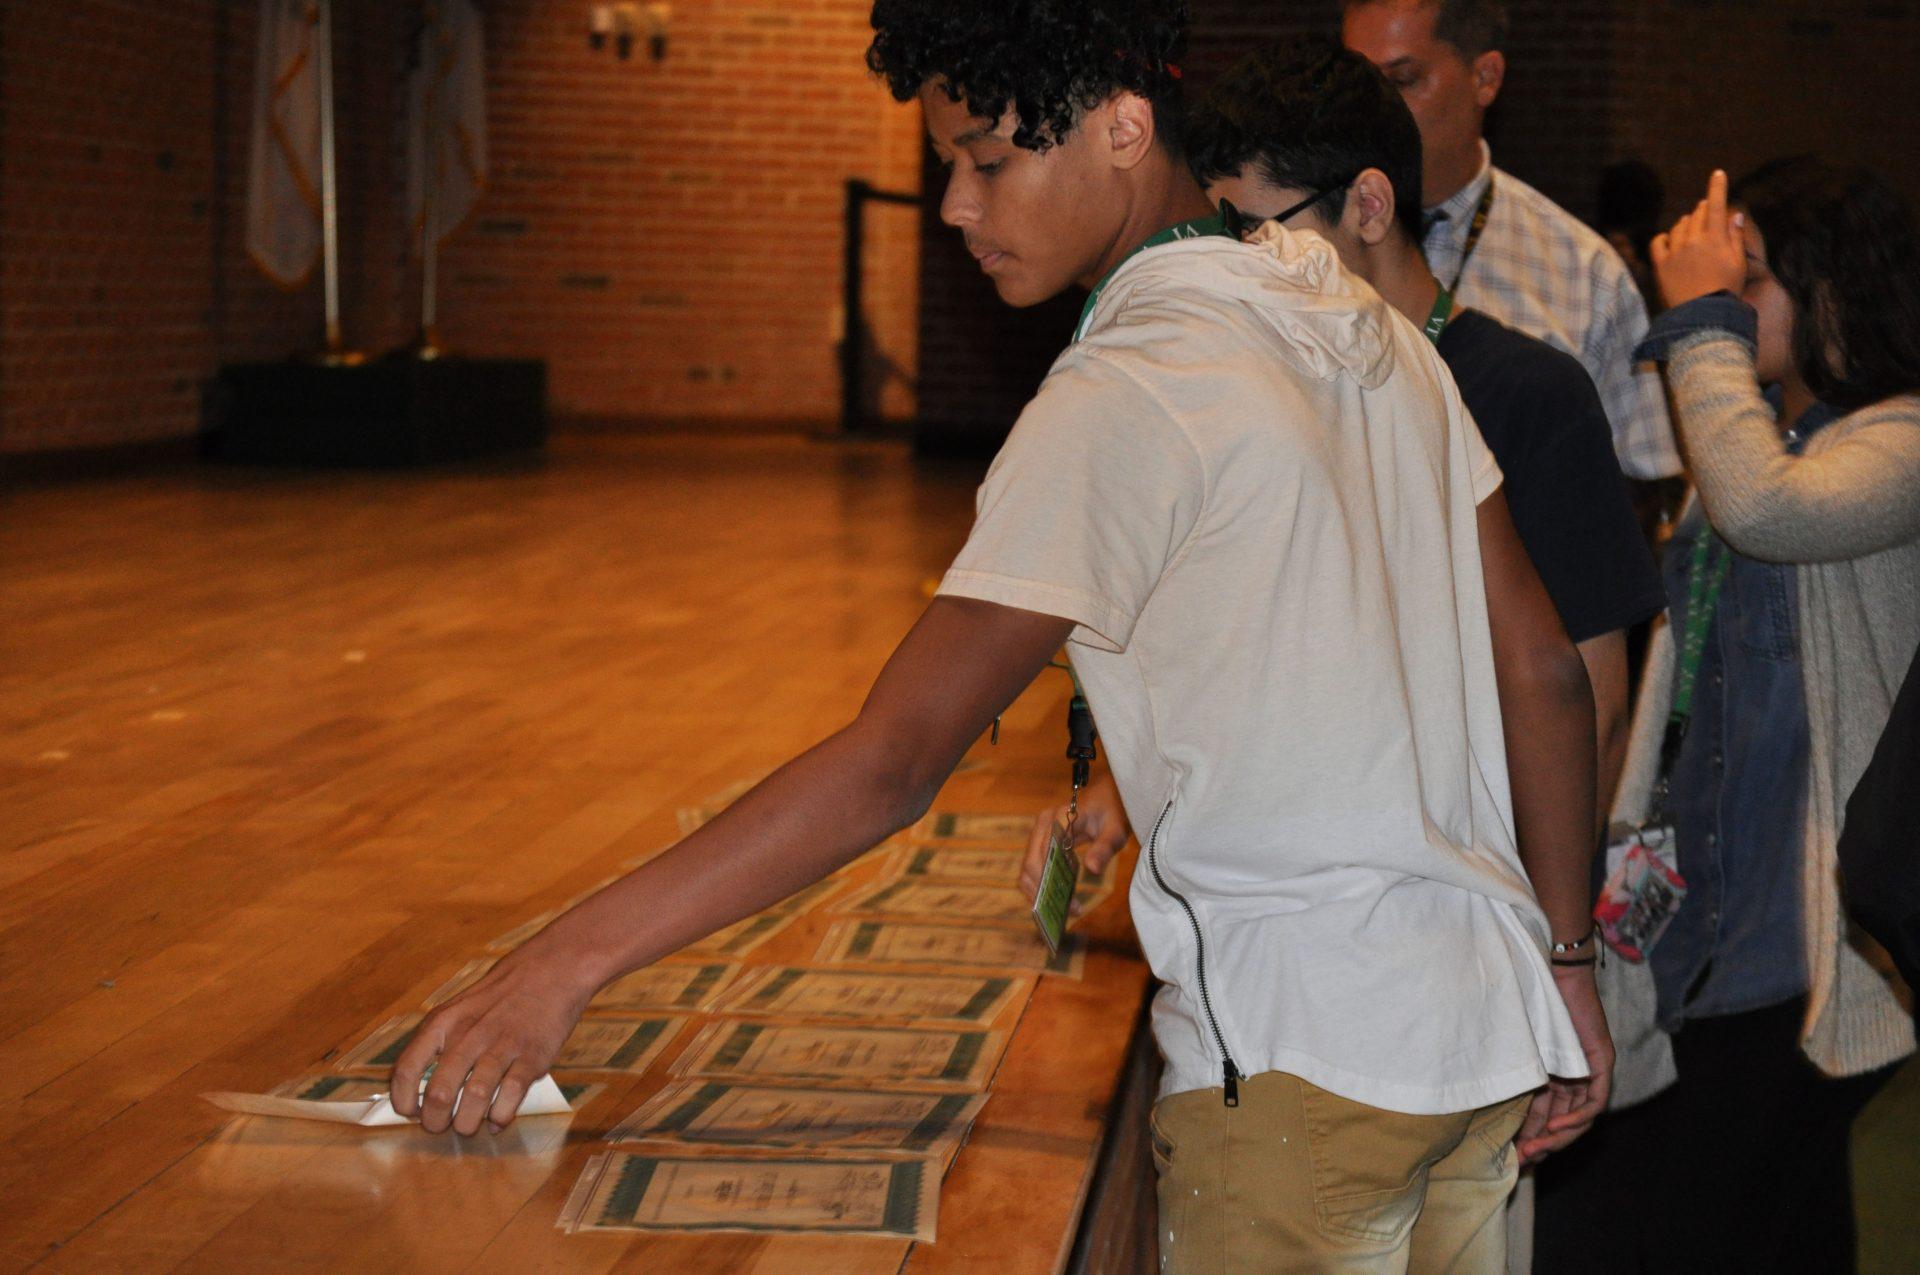 Student grabbing his award